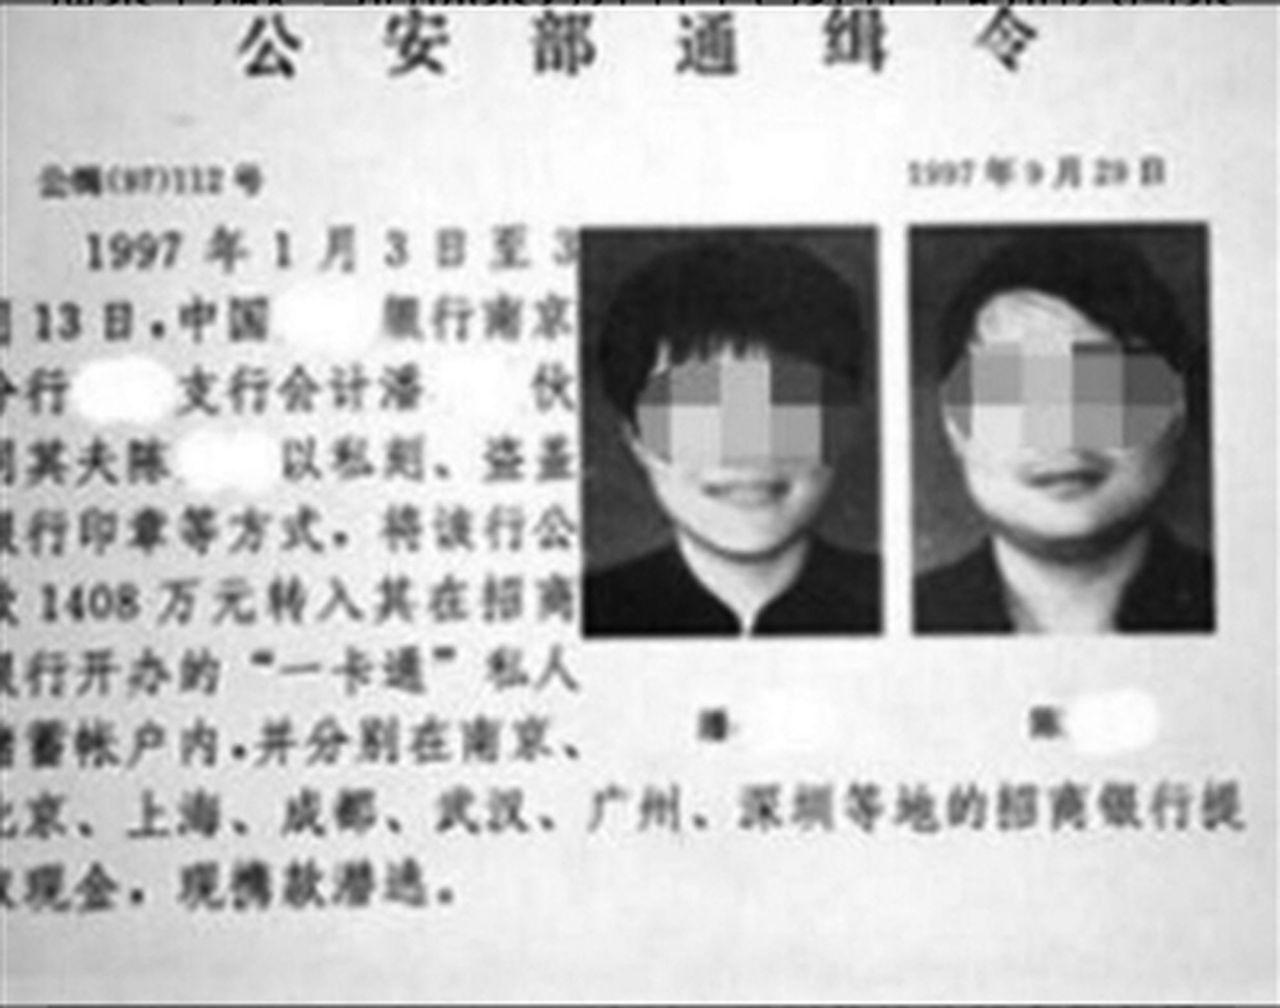 22歲銀行女孩愛上35歲大叔,貪汙千萬逃亡20年後被抓捕。圖擷取自中國新聞網